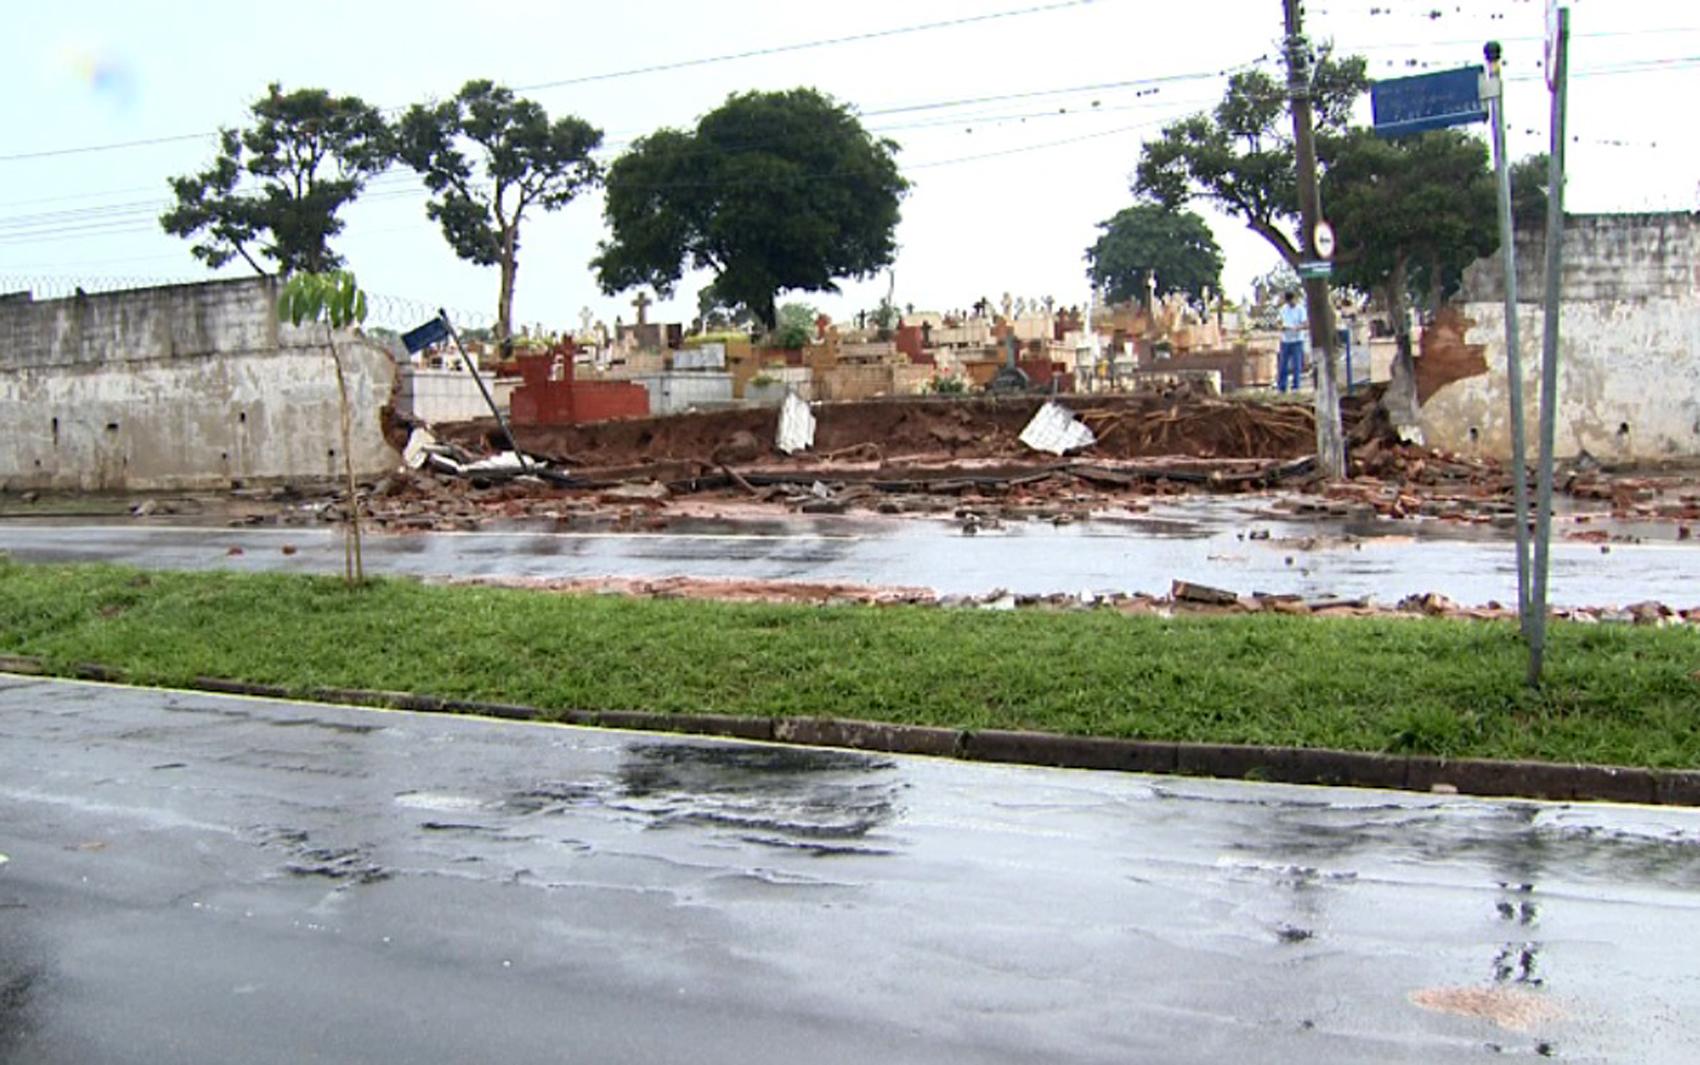 Parte do muro do Cemitério da Saudade desaba após forte chuva em Campinas